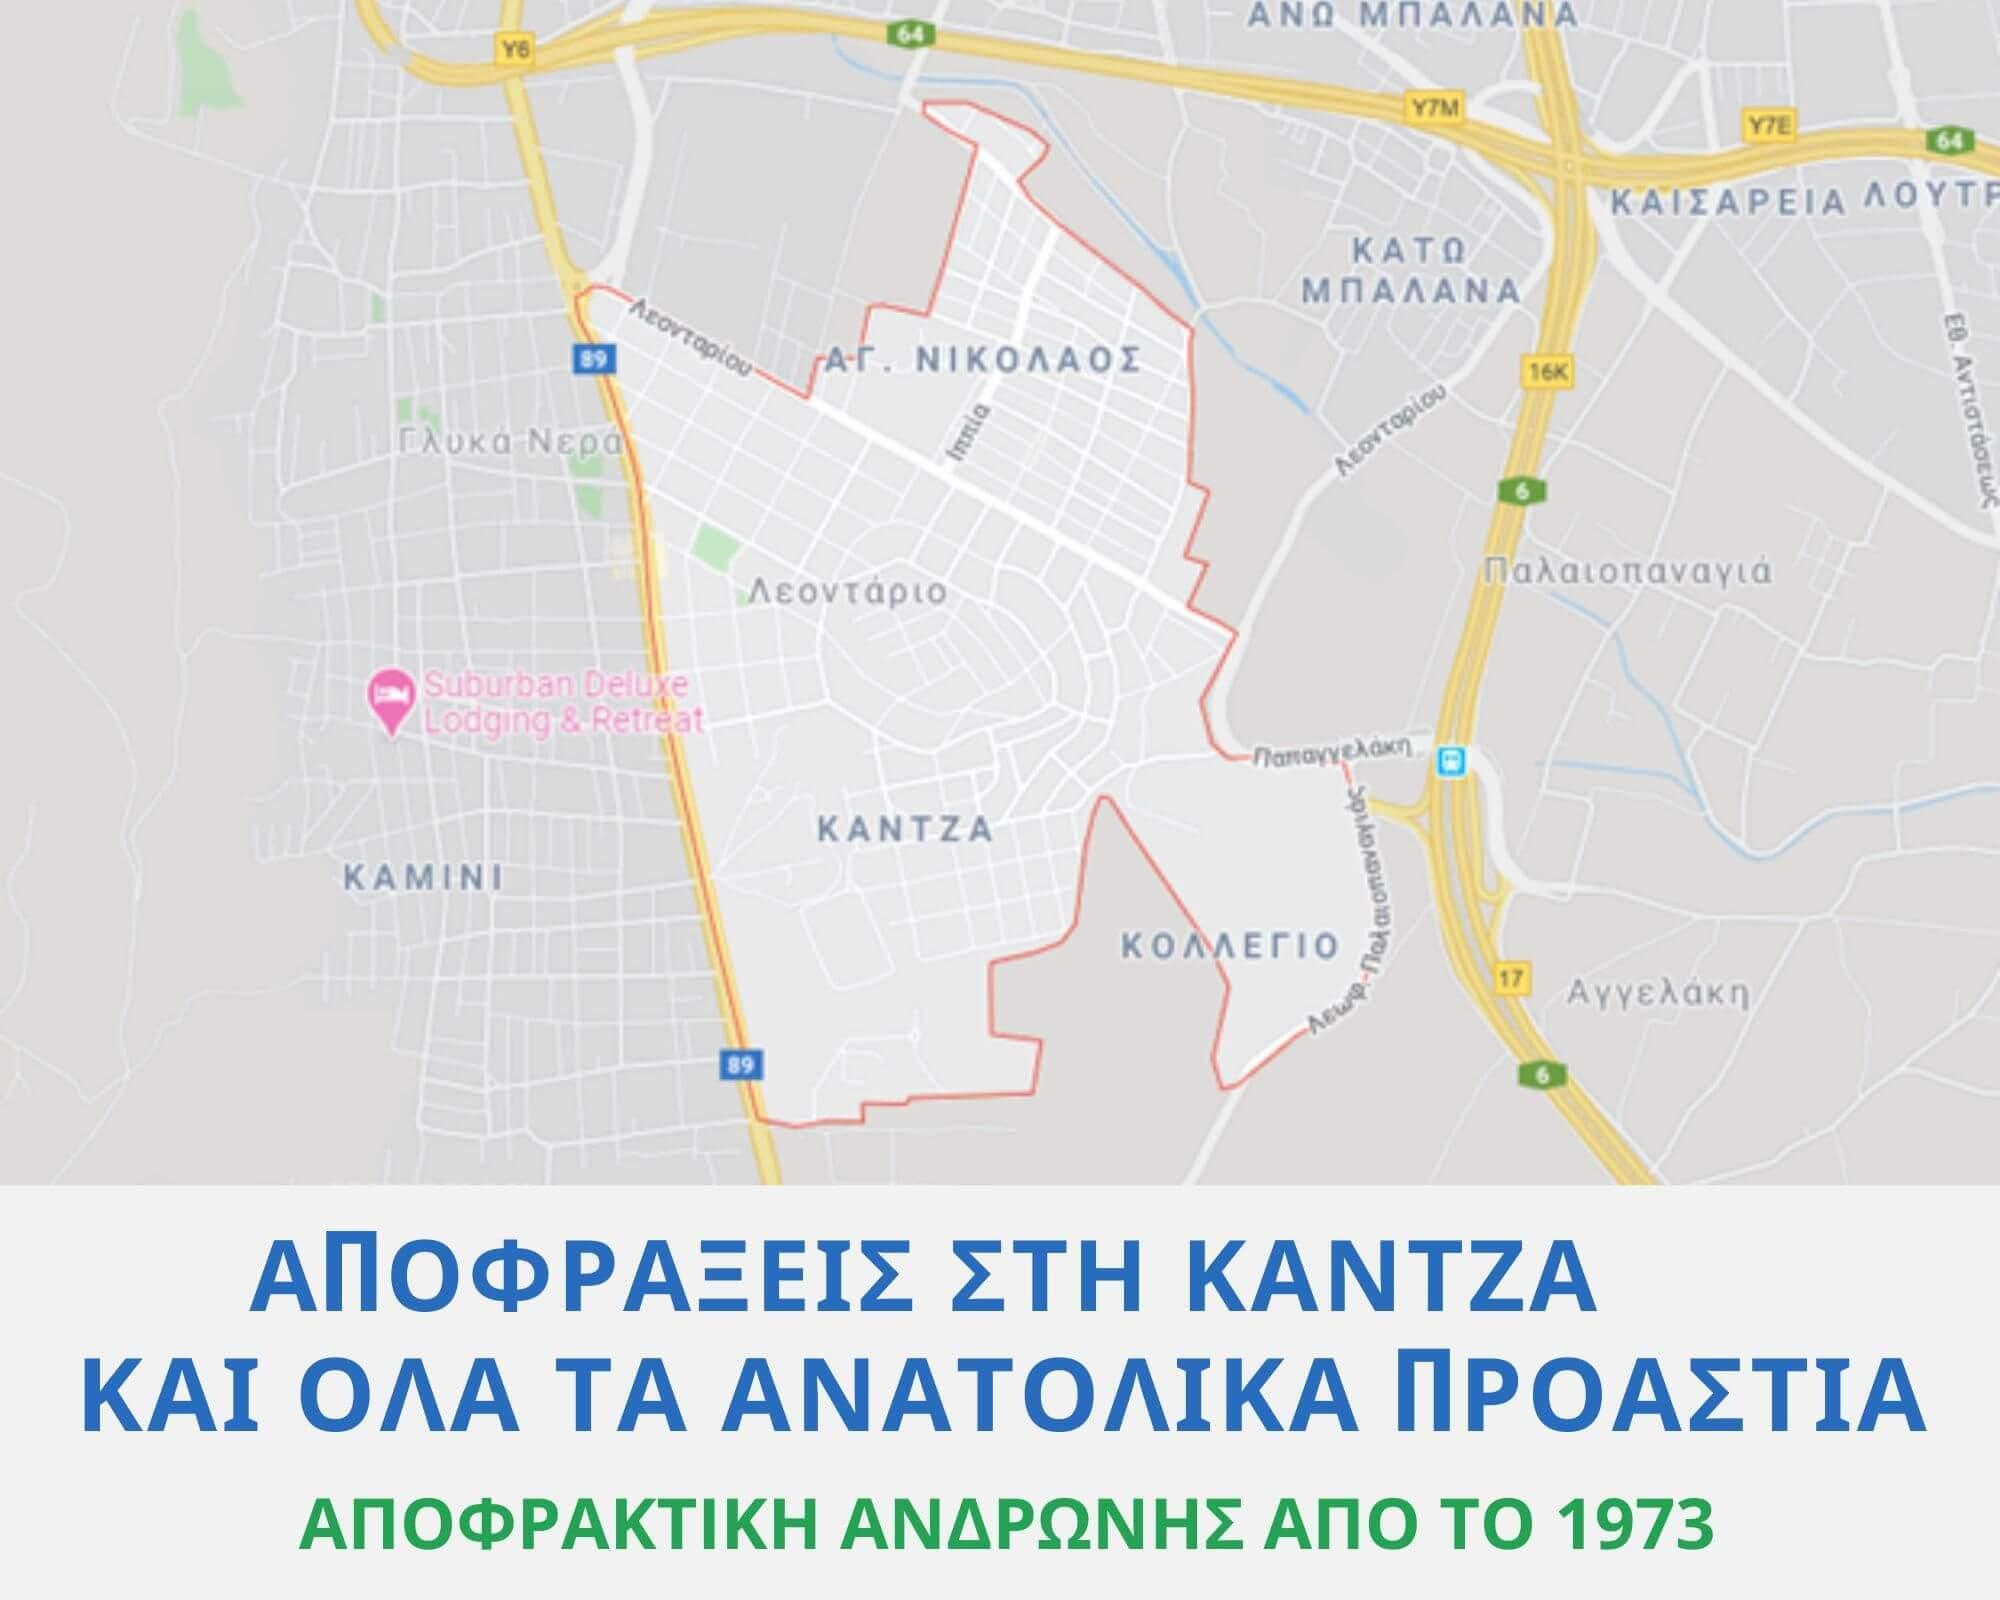 Αποφράξεις Κάντζα Αθήνα - Αττική